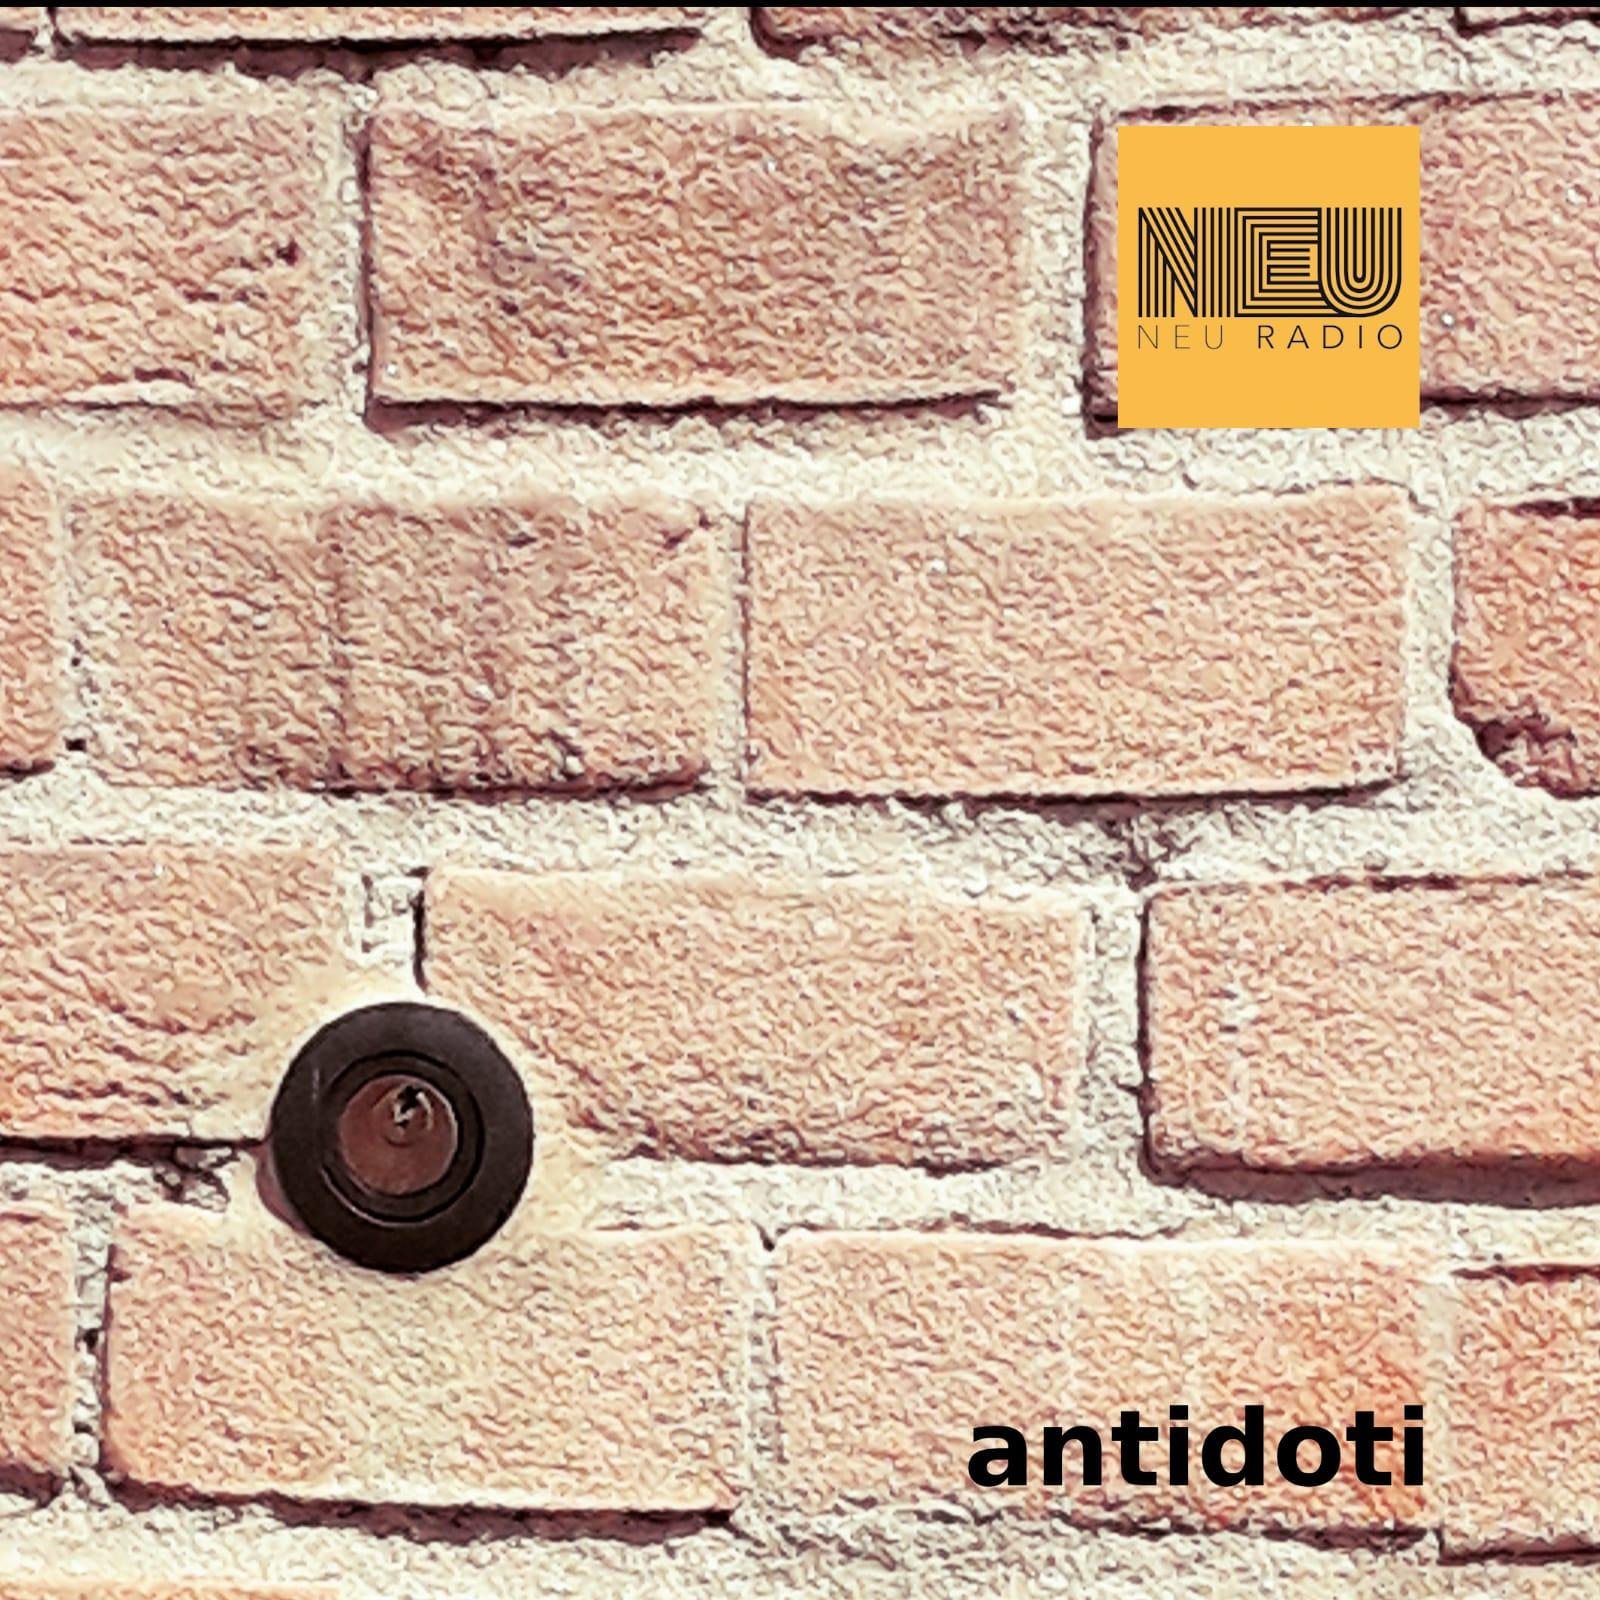 antidoti